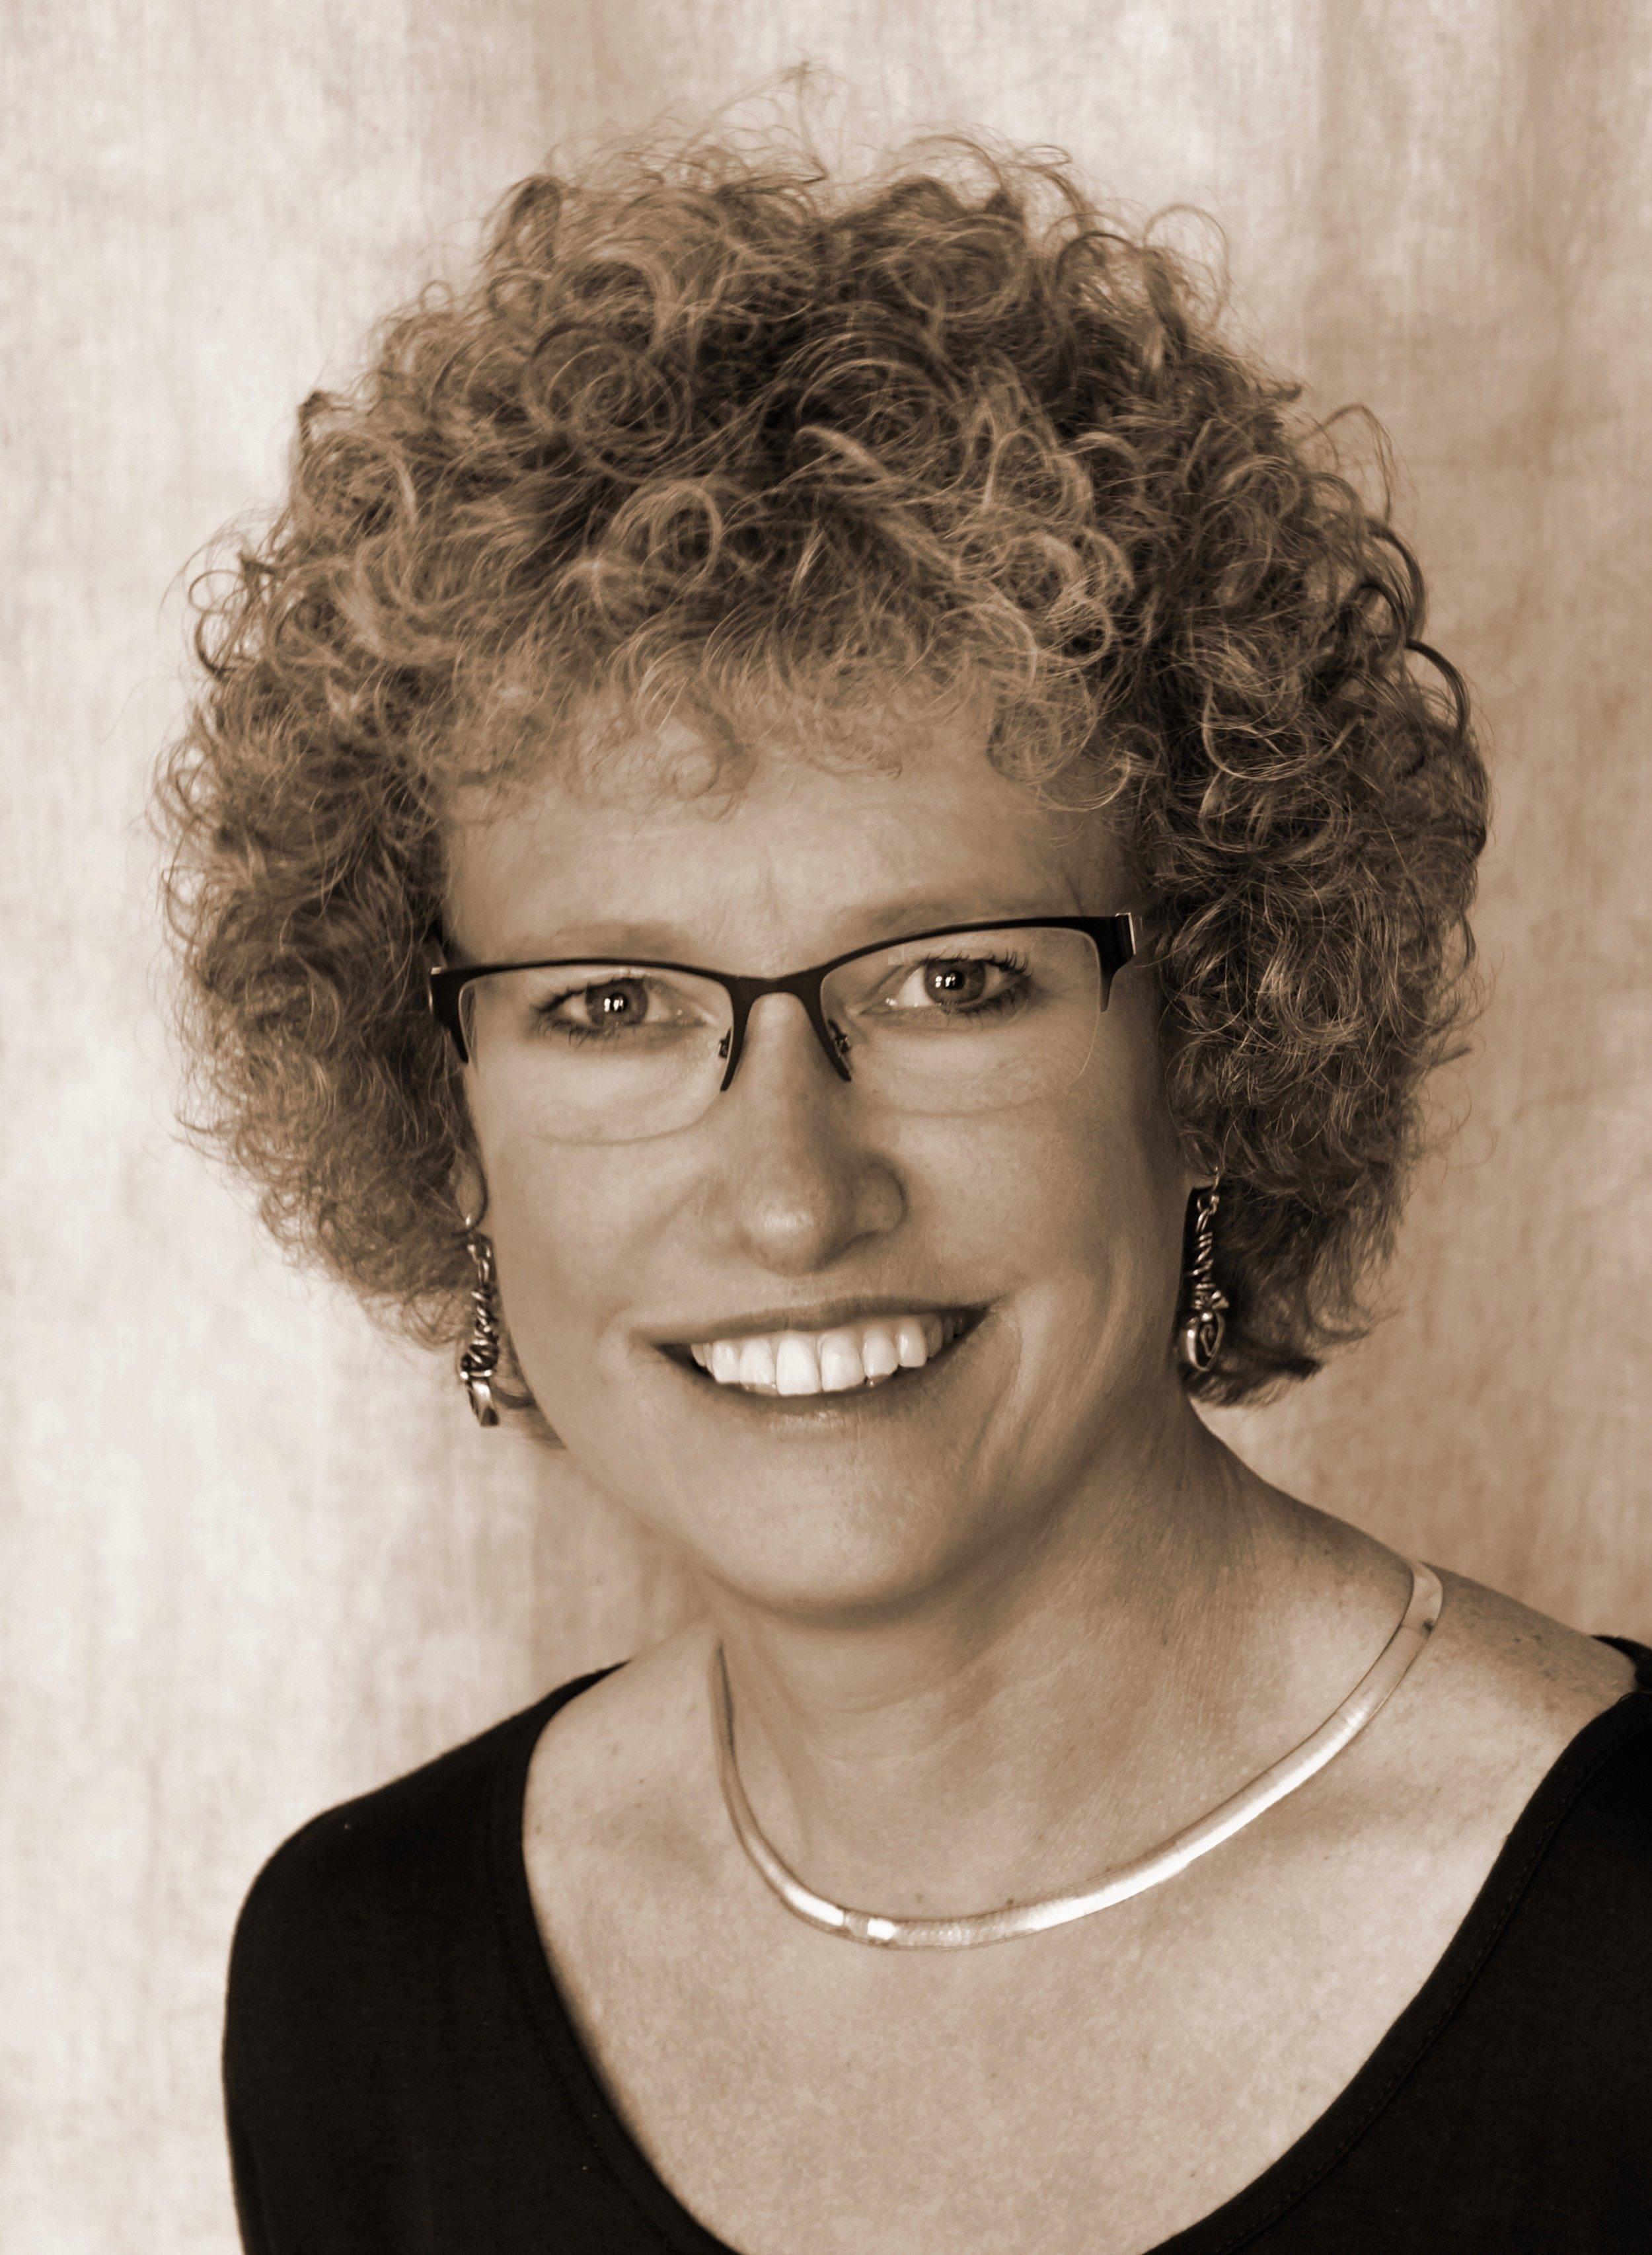 Laura Apol